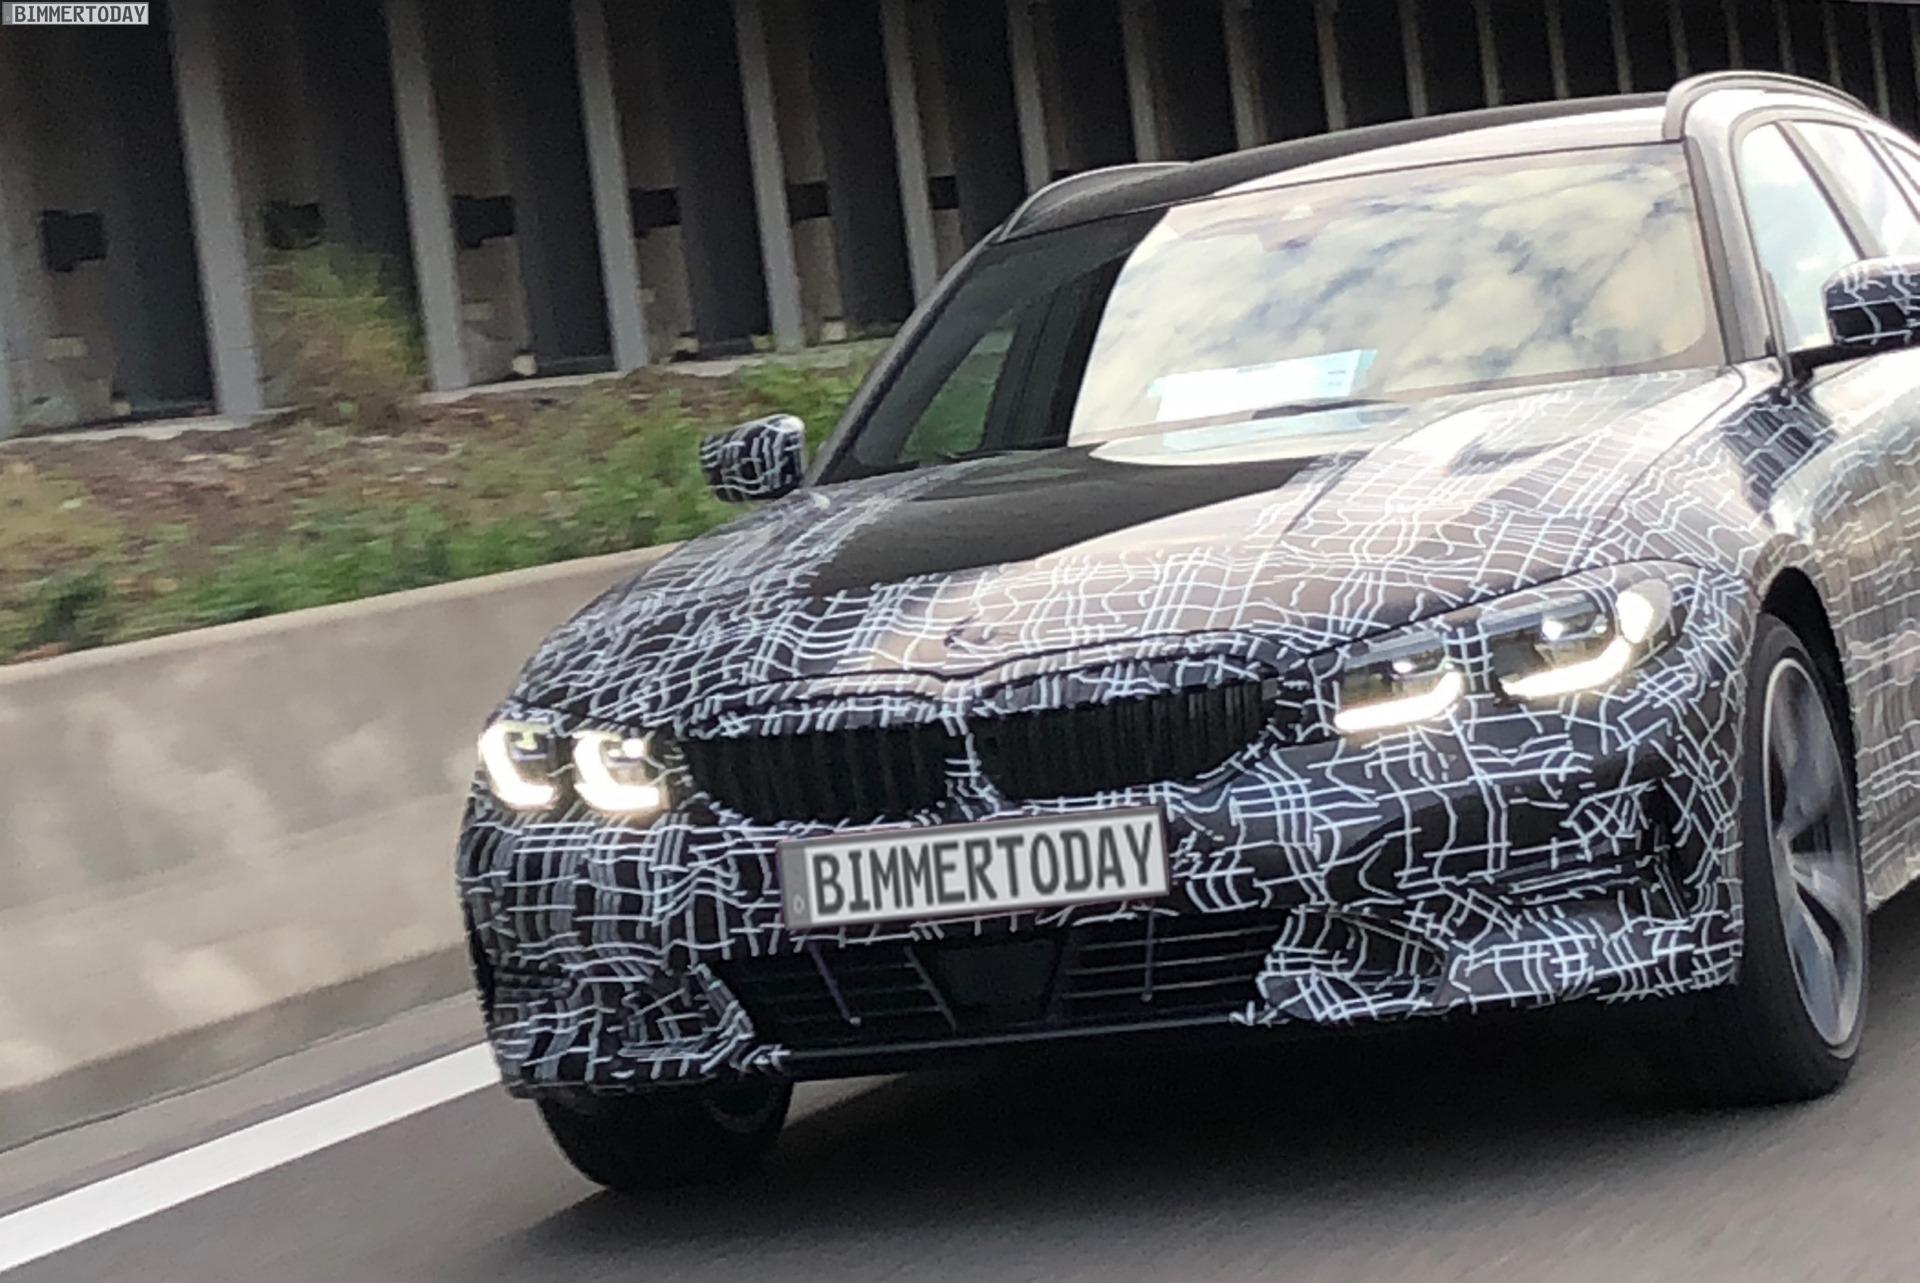 2019 BMW 3er Touring G21 spy photos 05